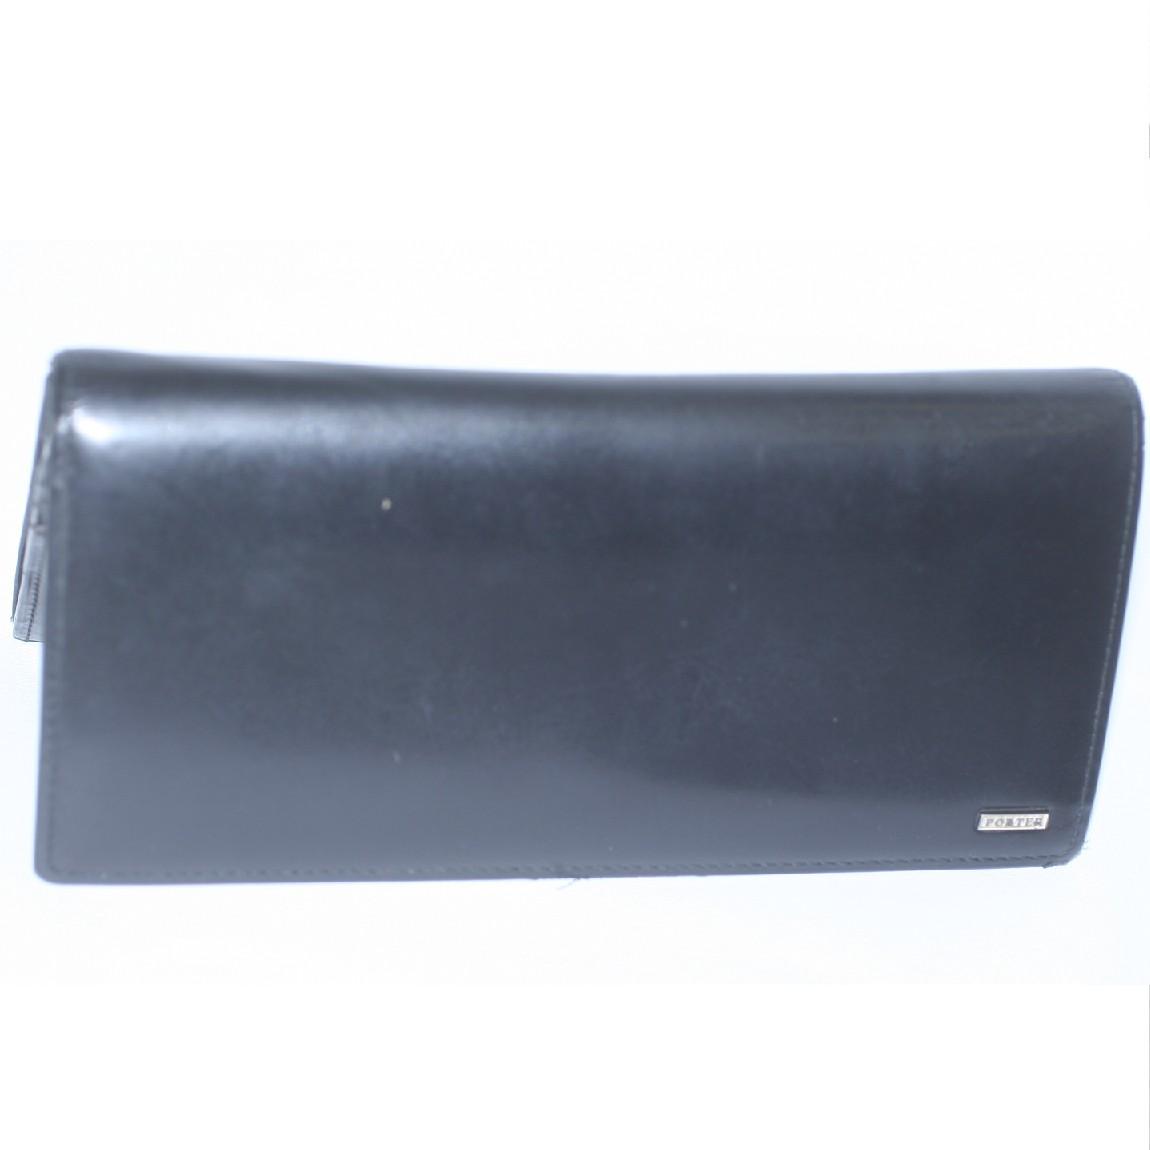 中古 本物ポーターのスムーズな黒い革素材の長財布 人気ショップが最安値挑戦 新色 サイズW19H10cm 2010504-2